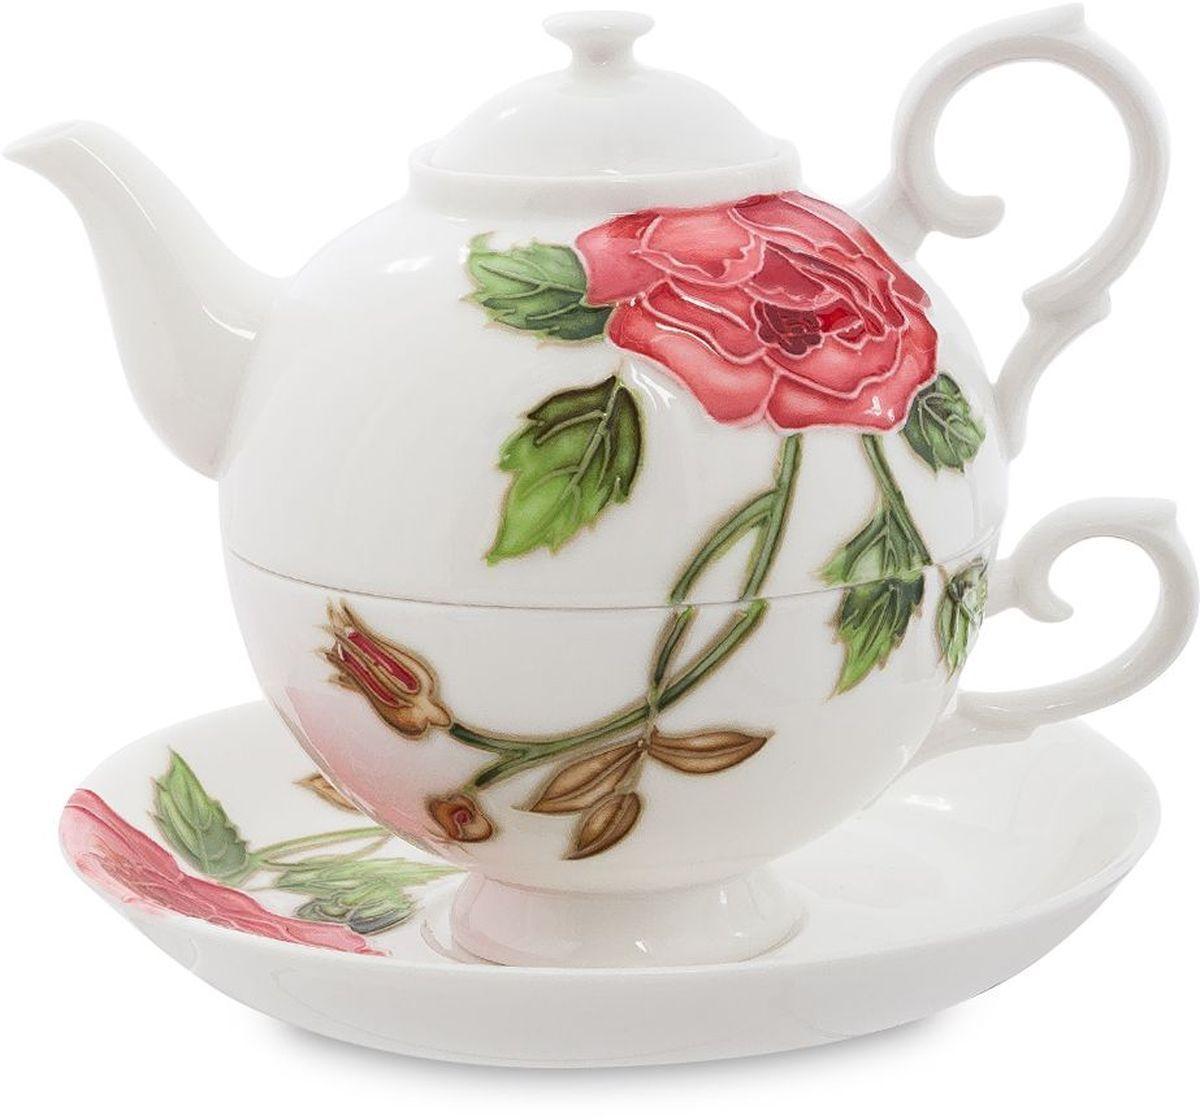 Набор чайный Pavone Рафаэлло. Роза, 3 предмета. 451581451581Объем чайника: 400 мл Объем чаши: 250 мл Диаметр блюдца: 15 см